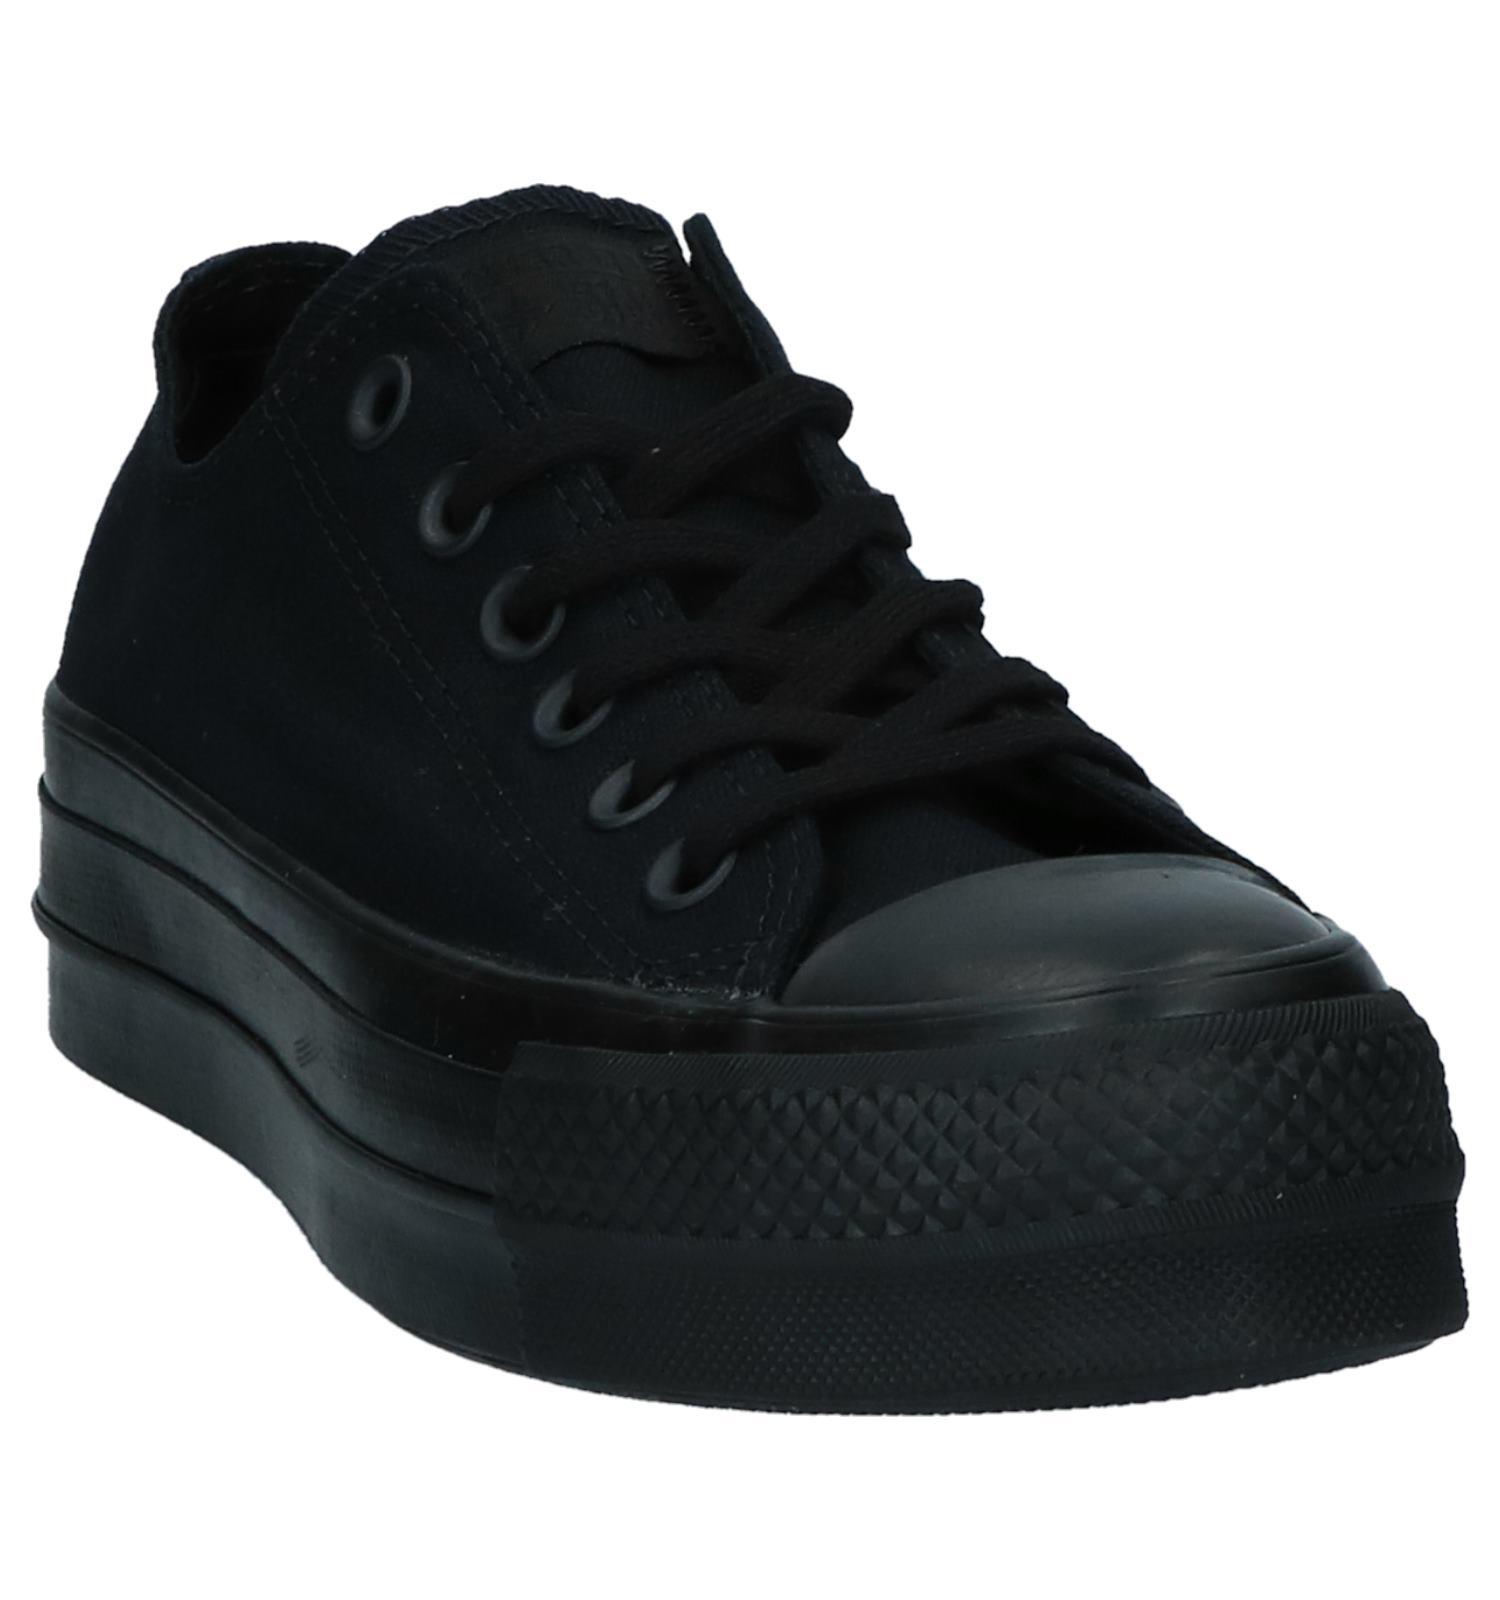 c4cec268dcd Zwarte Converse Chuck Taylor All Star Sneakers | TORFS.BE | Gratis verzend  en retour